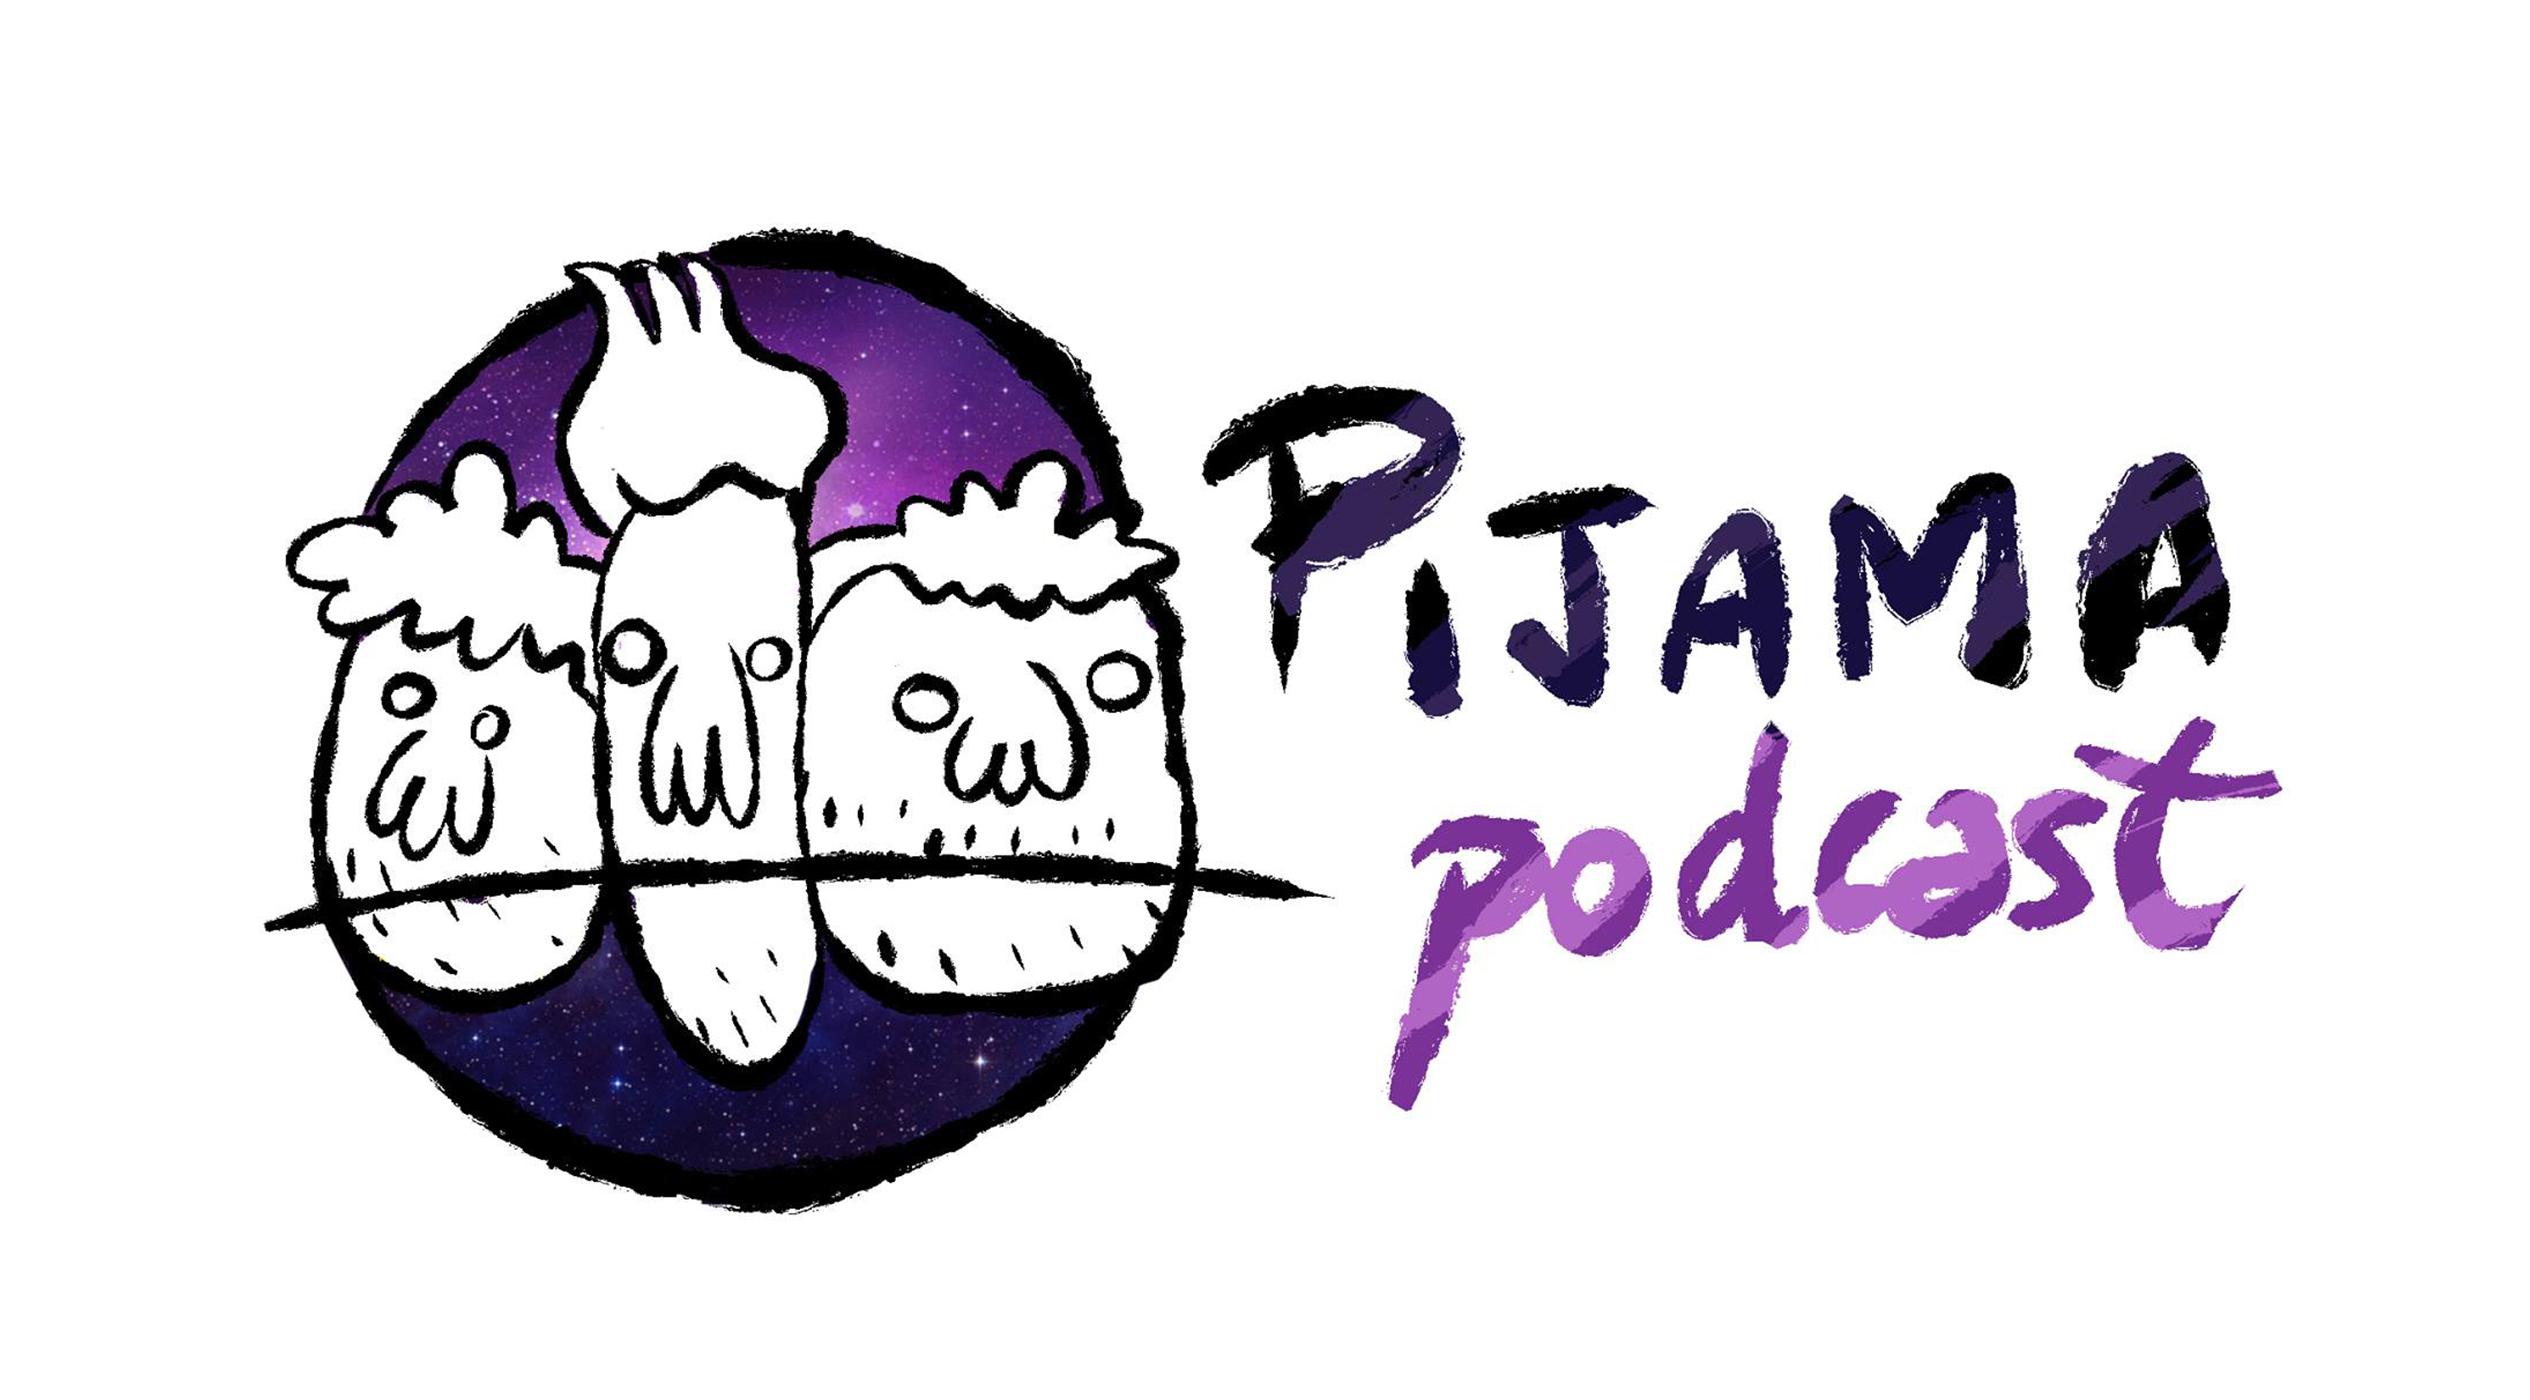 Pijama Podcast